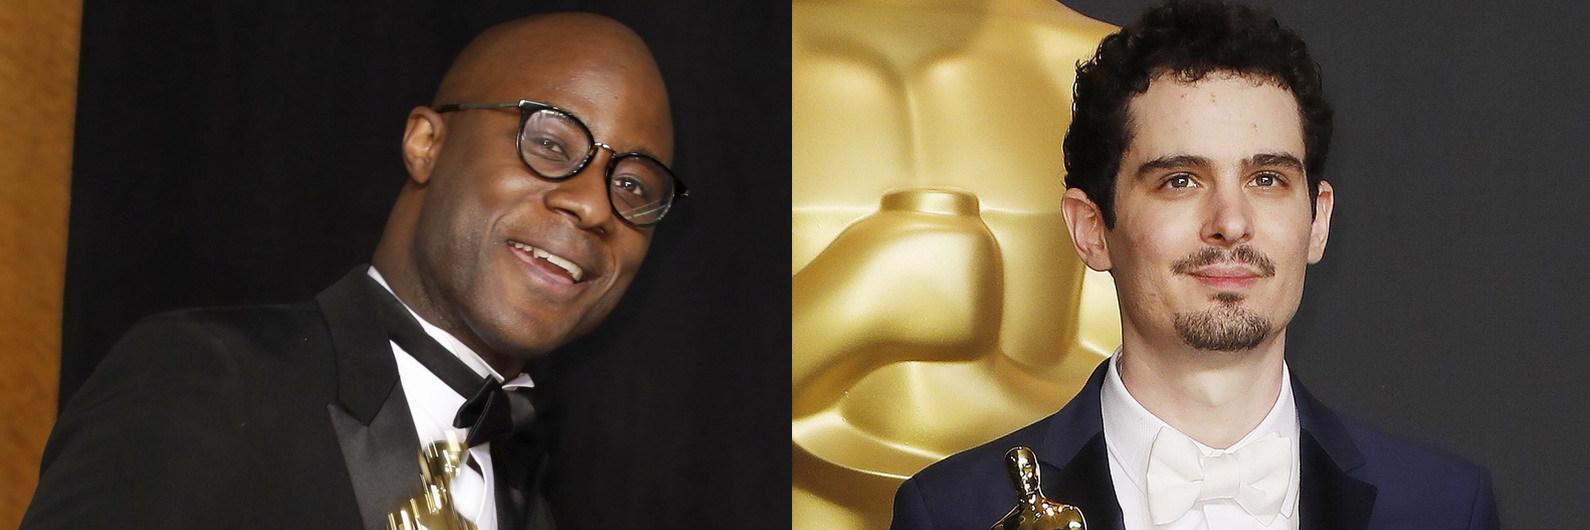 """""""Moonlight"""" e """"La La Land"""": Realizadores juntos em entrevista depois da bronca nos Óscares"""